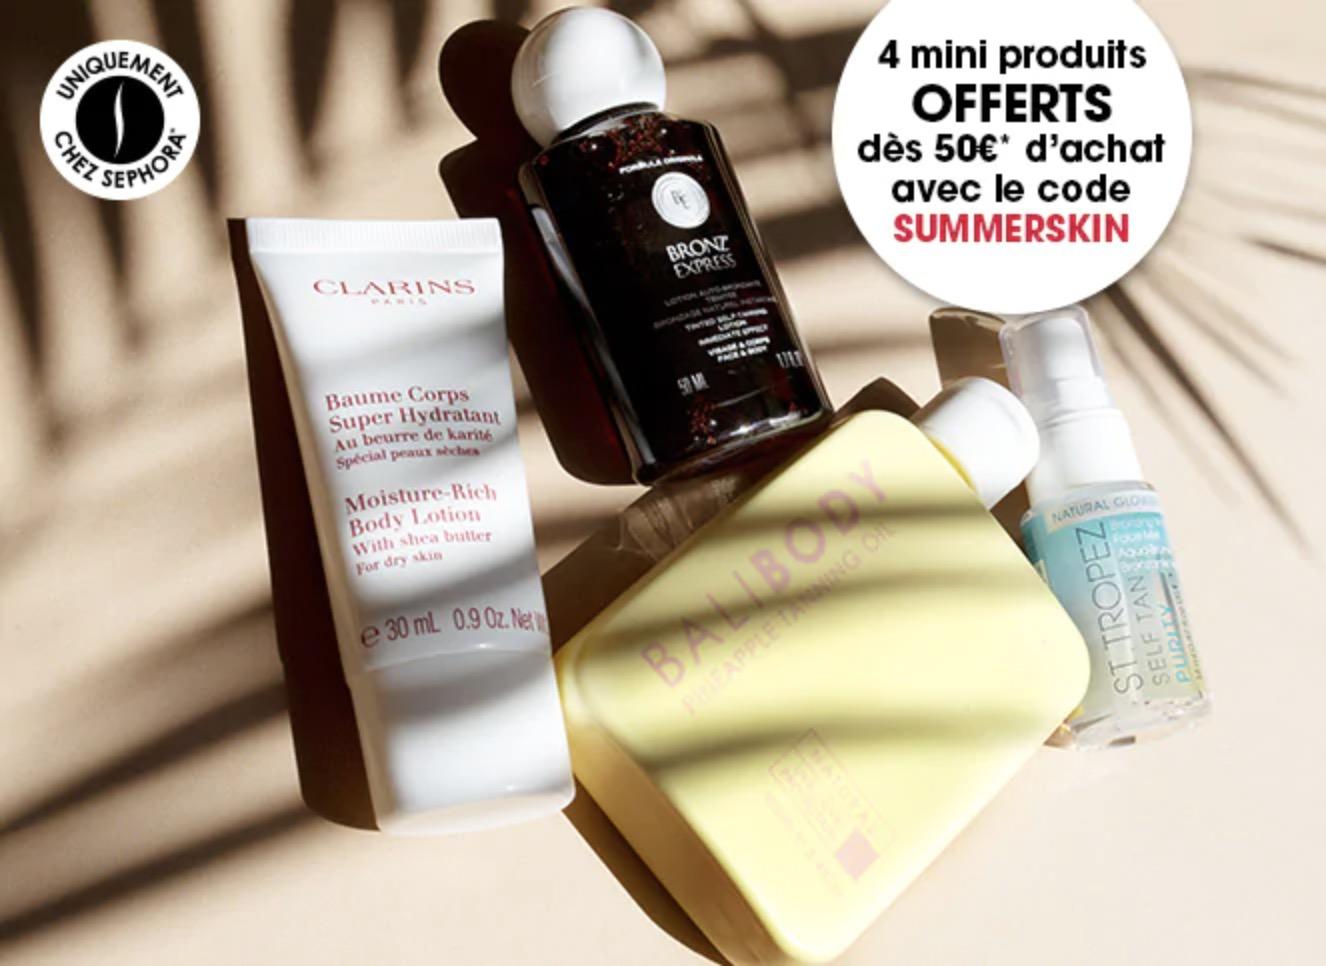 Code promo Sephora : 4 mini produits offerts dès 50€ d'achat